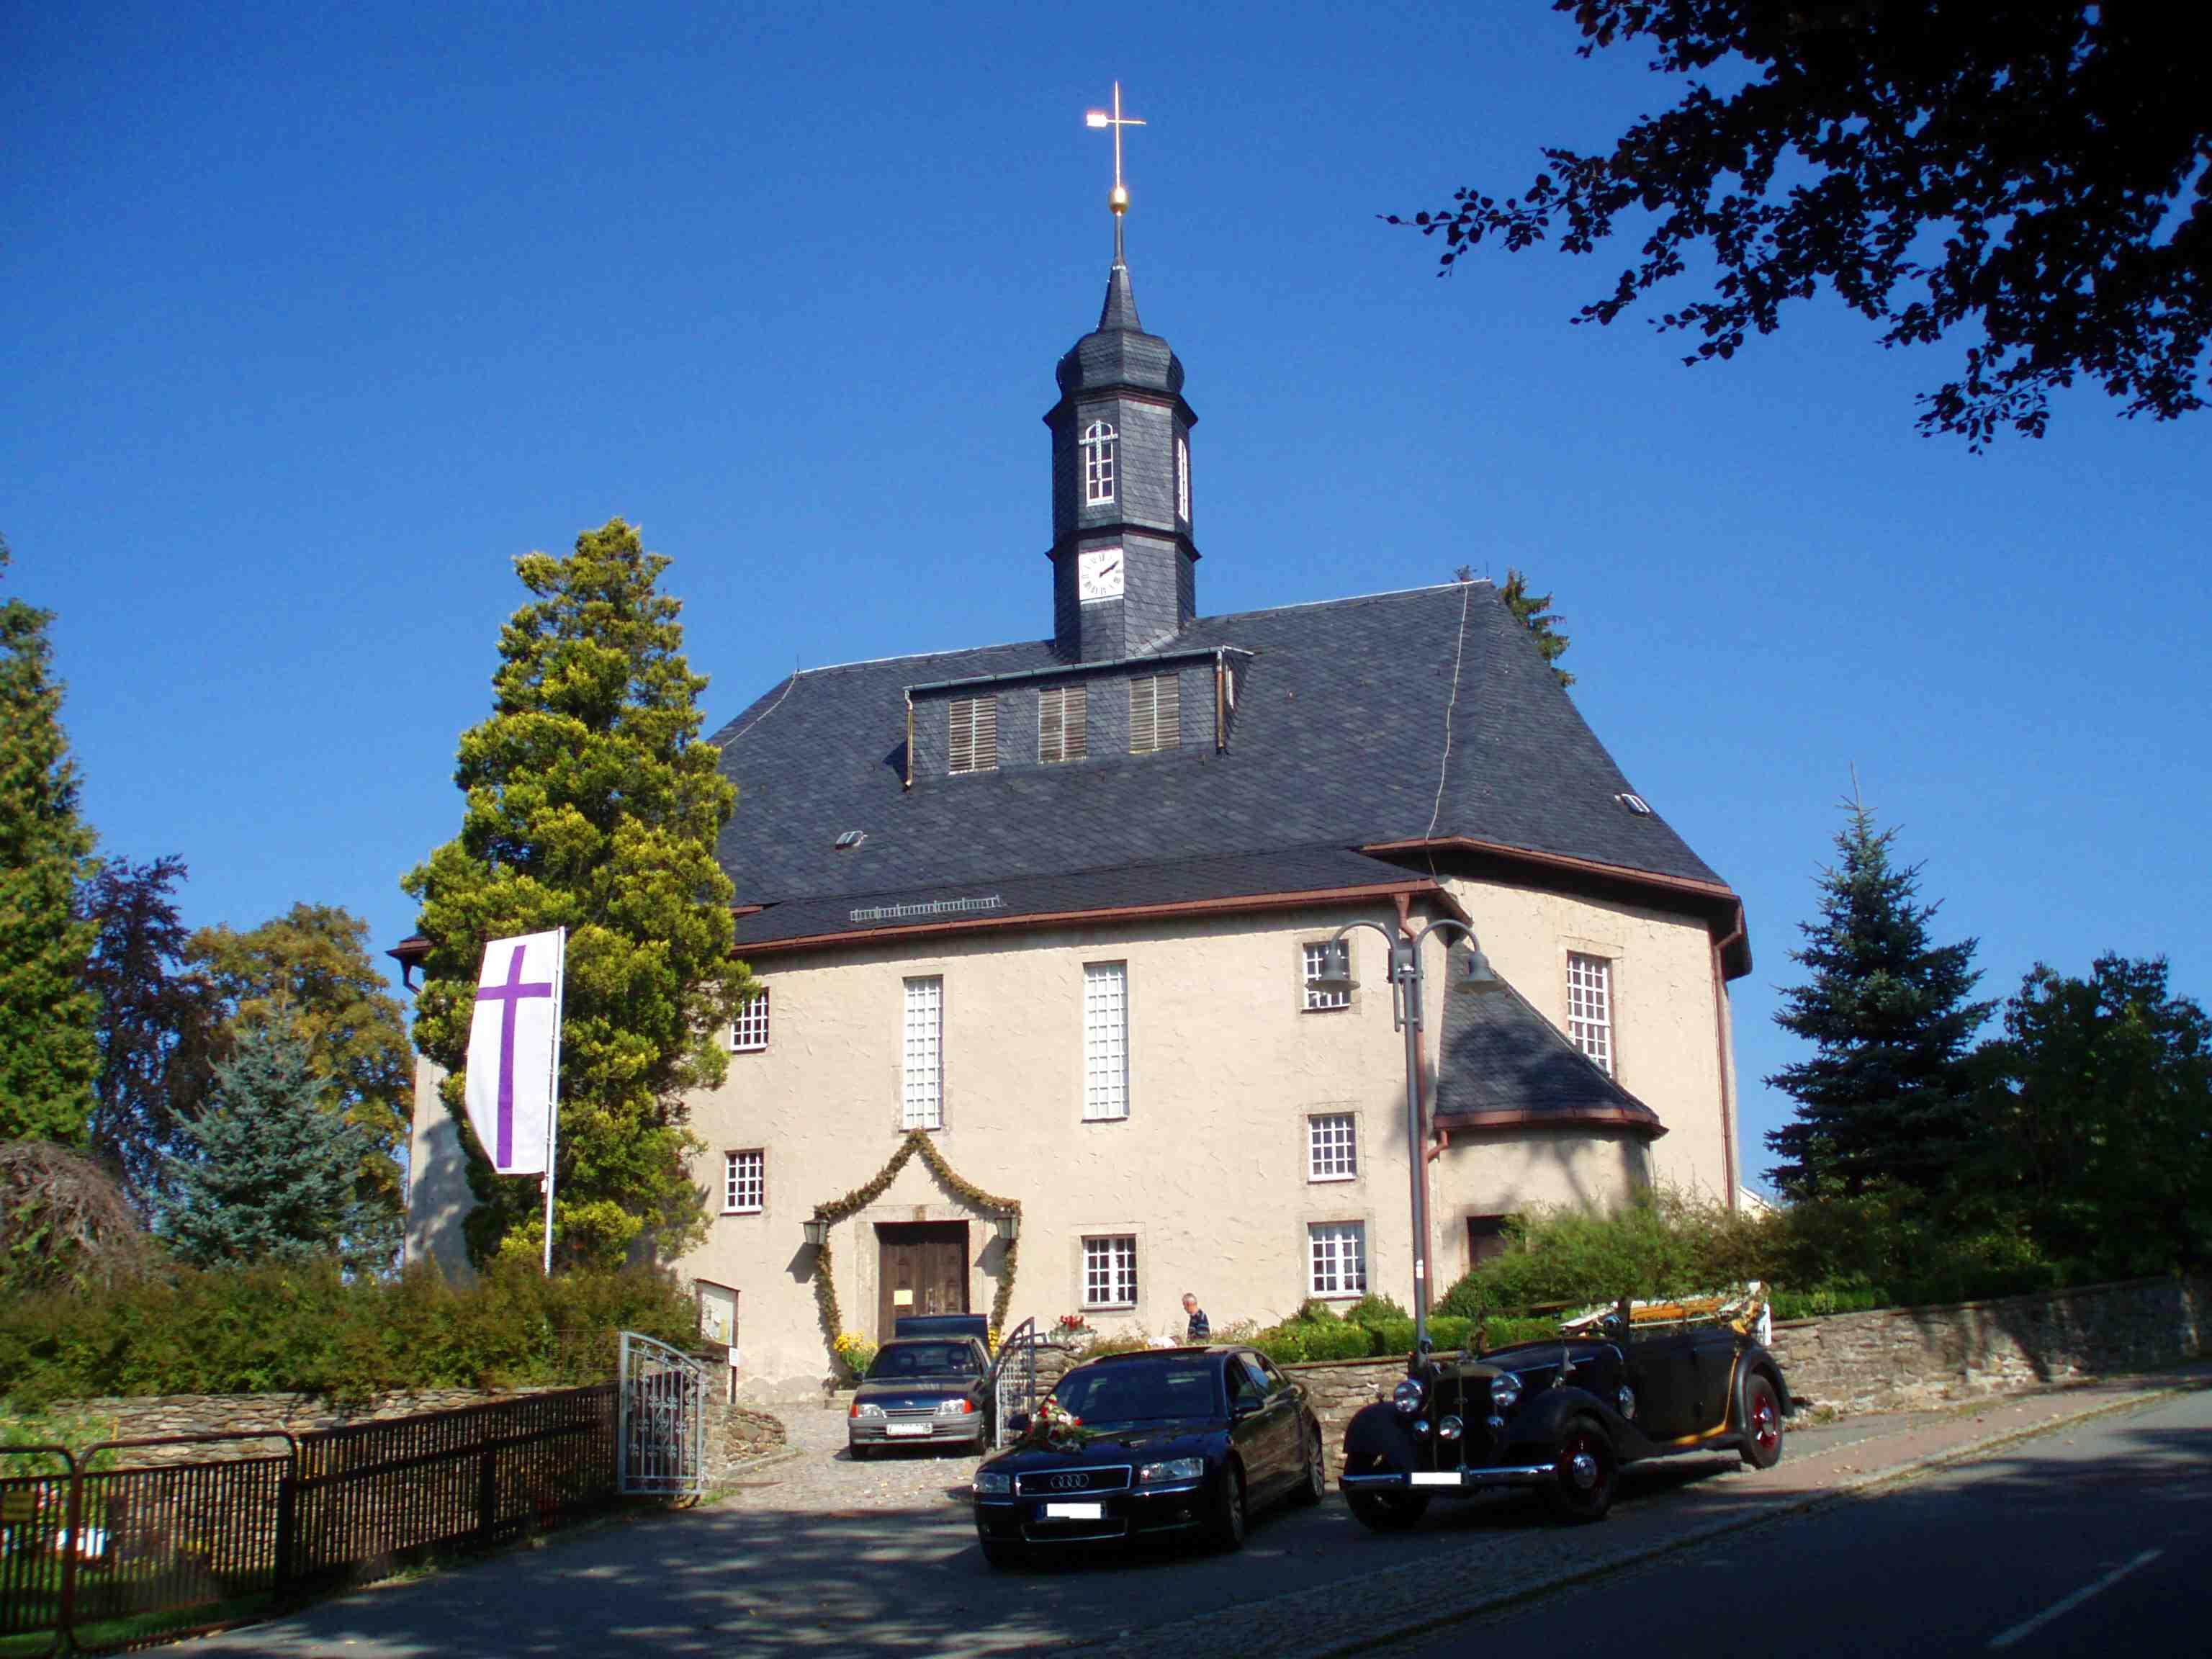 Breitenbrunn/Erzgebirge